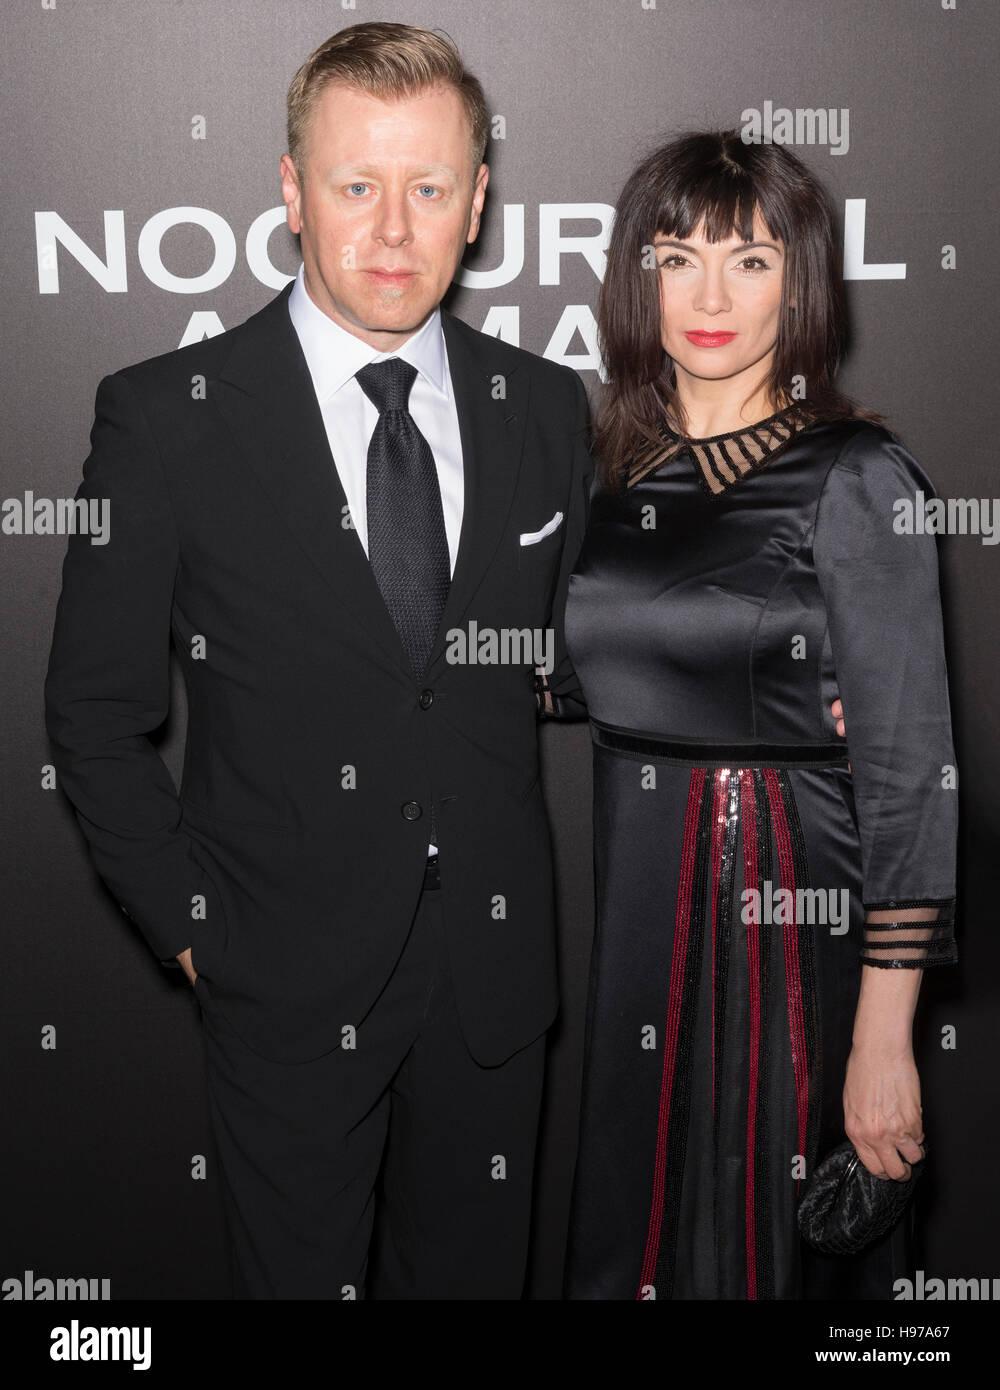 La Ciudad de Nueva York, EE.UU. - 17 noviembre, 2016: el compositor Abel Korzeniowski y Mina Korzeniowska asistir Imagen De Stock